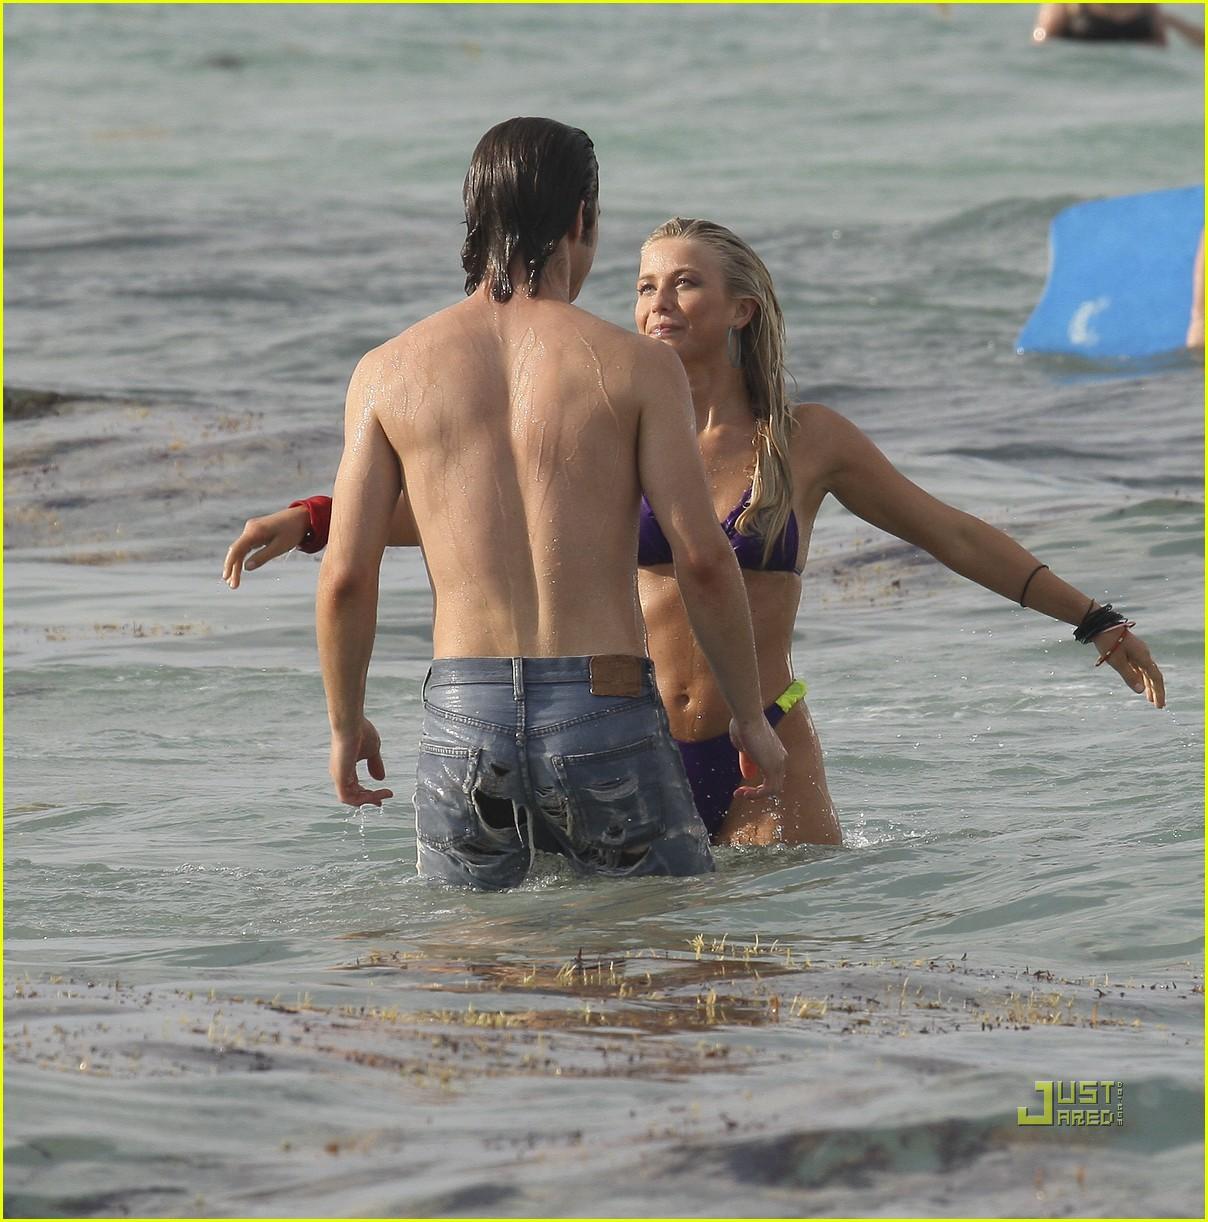 julianne hough bikini kiss diega boneta 132546899